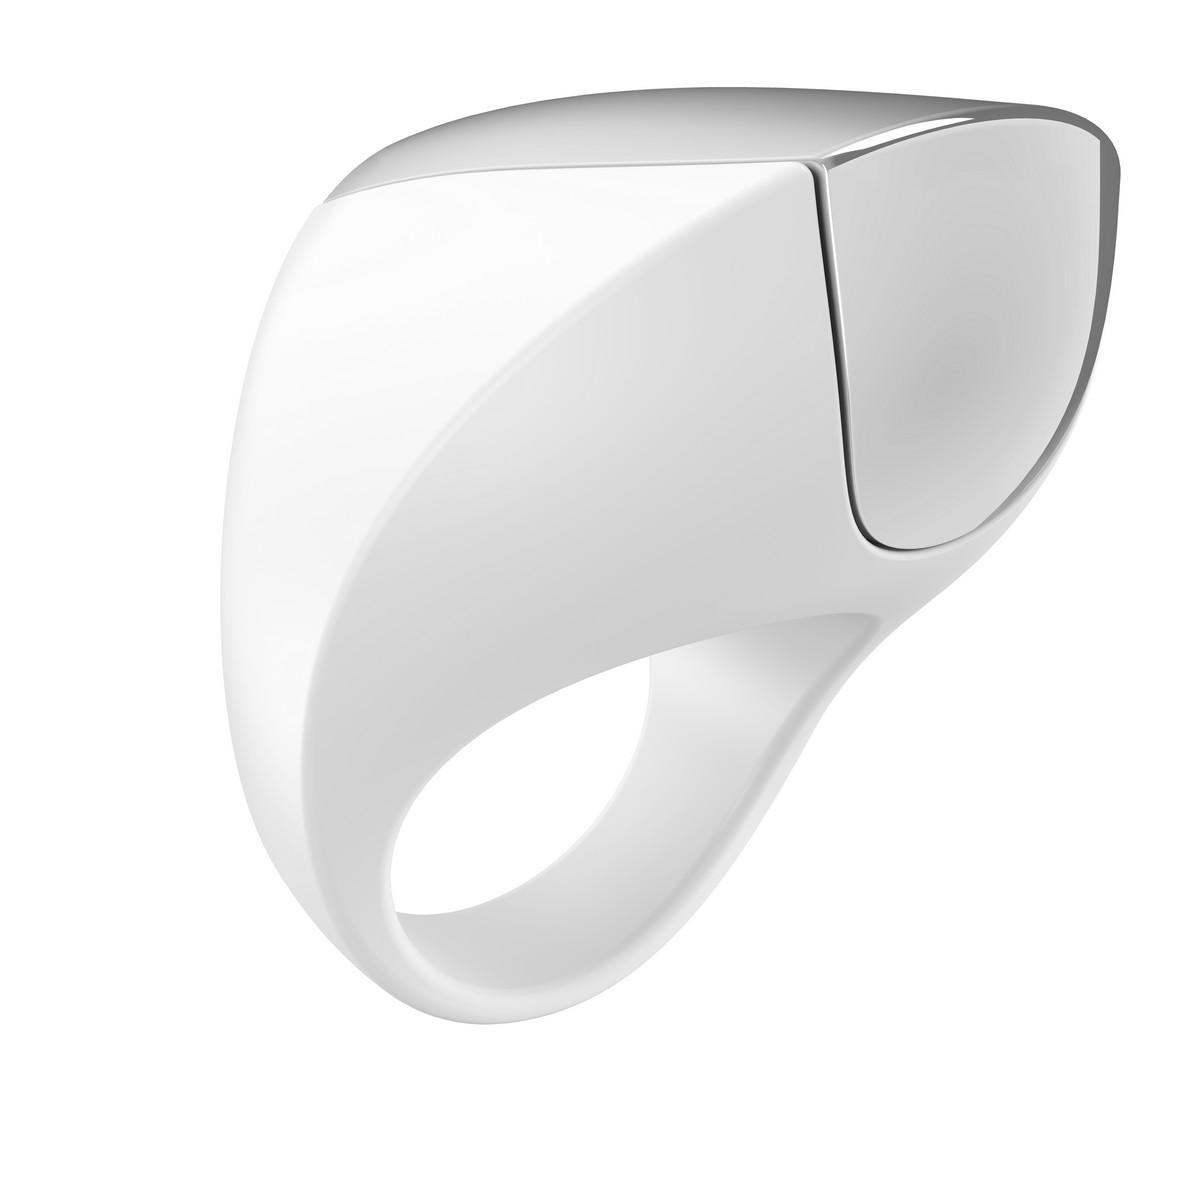 Белое перезаряжаемое эрекционное кольцо - фото 1149548